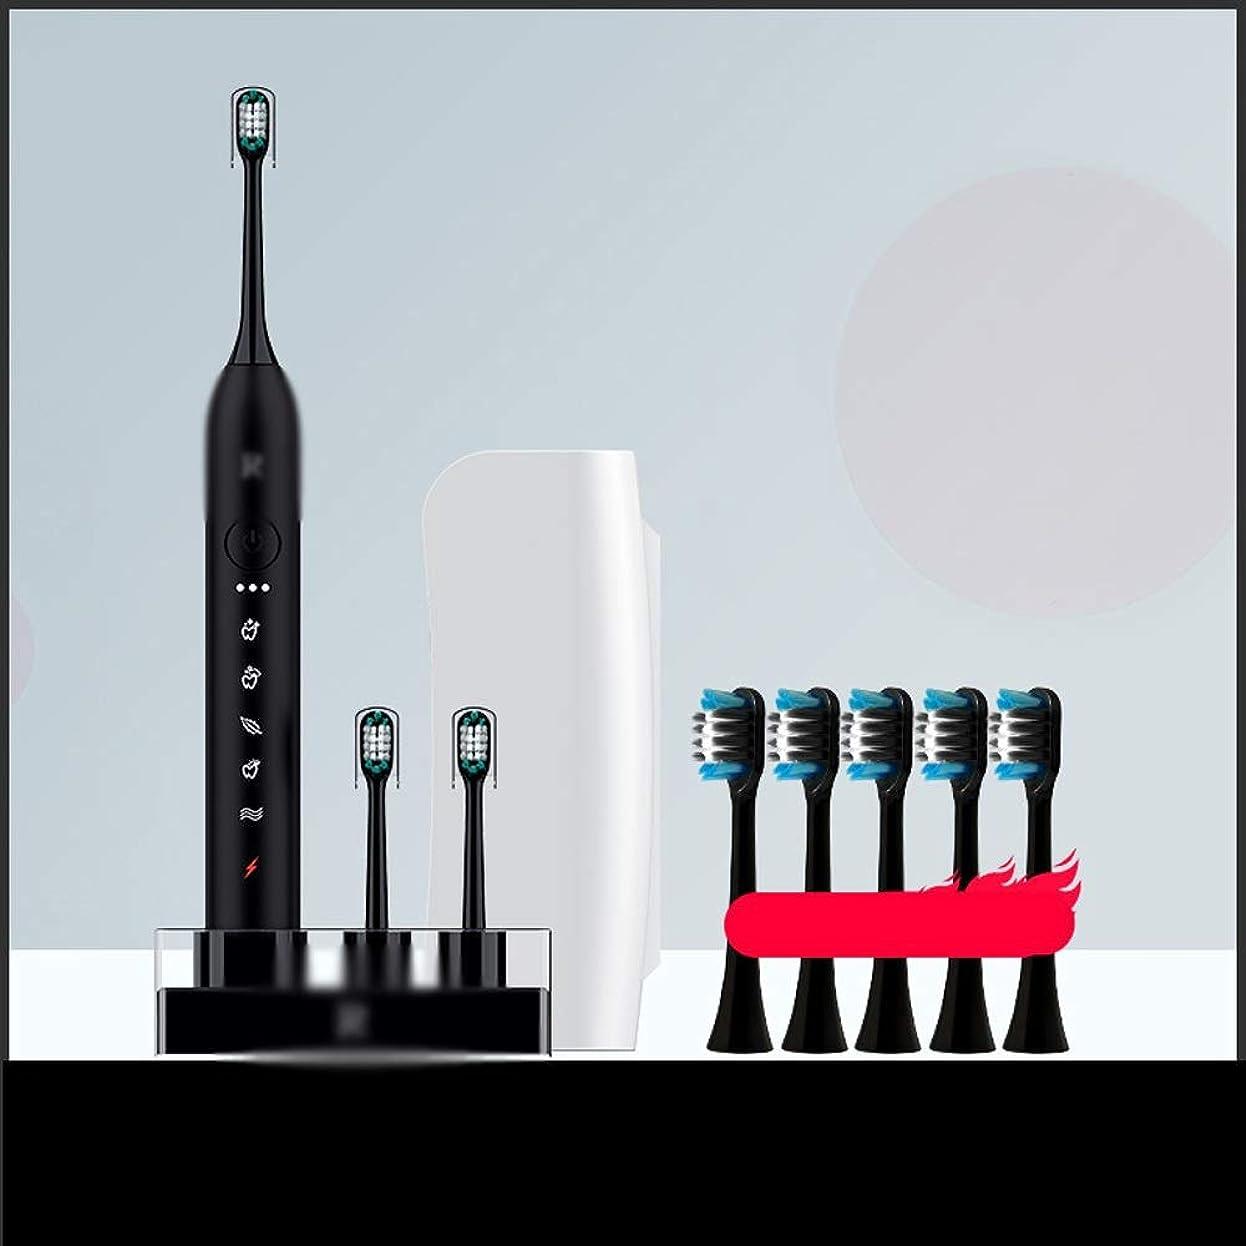 報酬の再開名門Wen Ying 電動歯ブラシヘッド超音波電動歯ブラシ自動充電セット電動歯ブラシ充電器ブラケット 電動歯ブラシ (Color : Black)